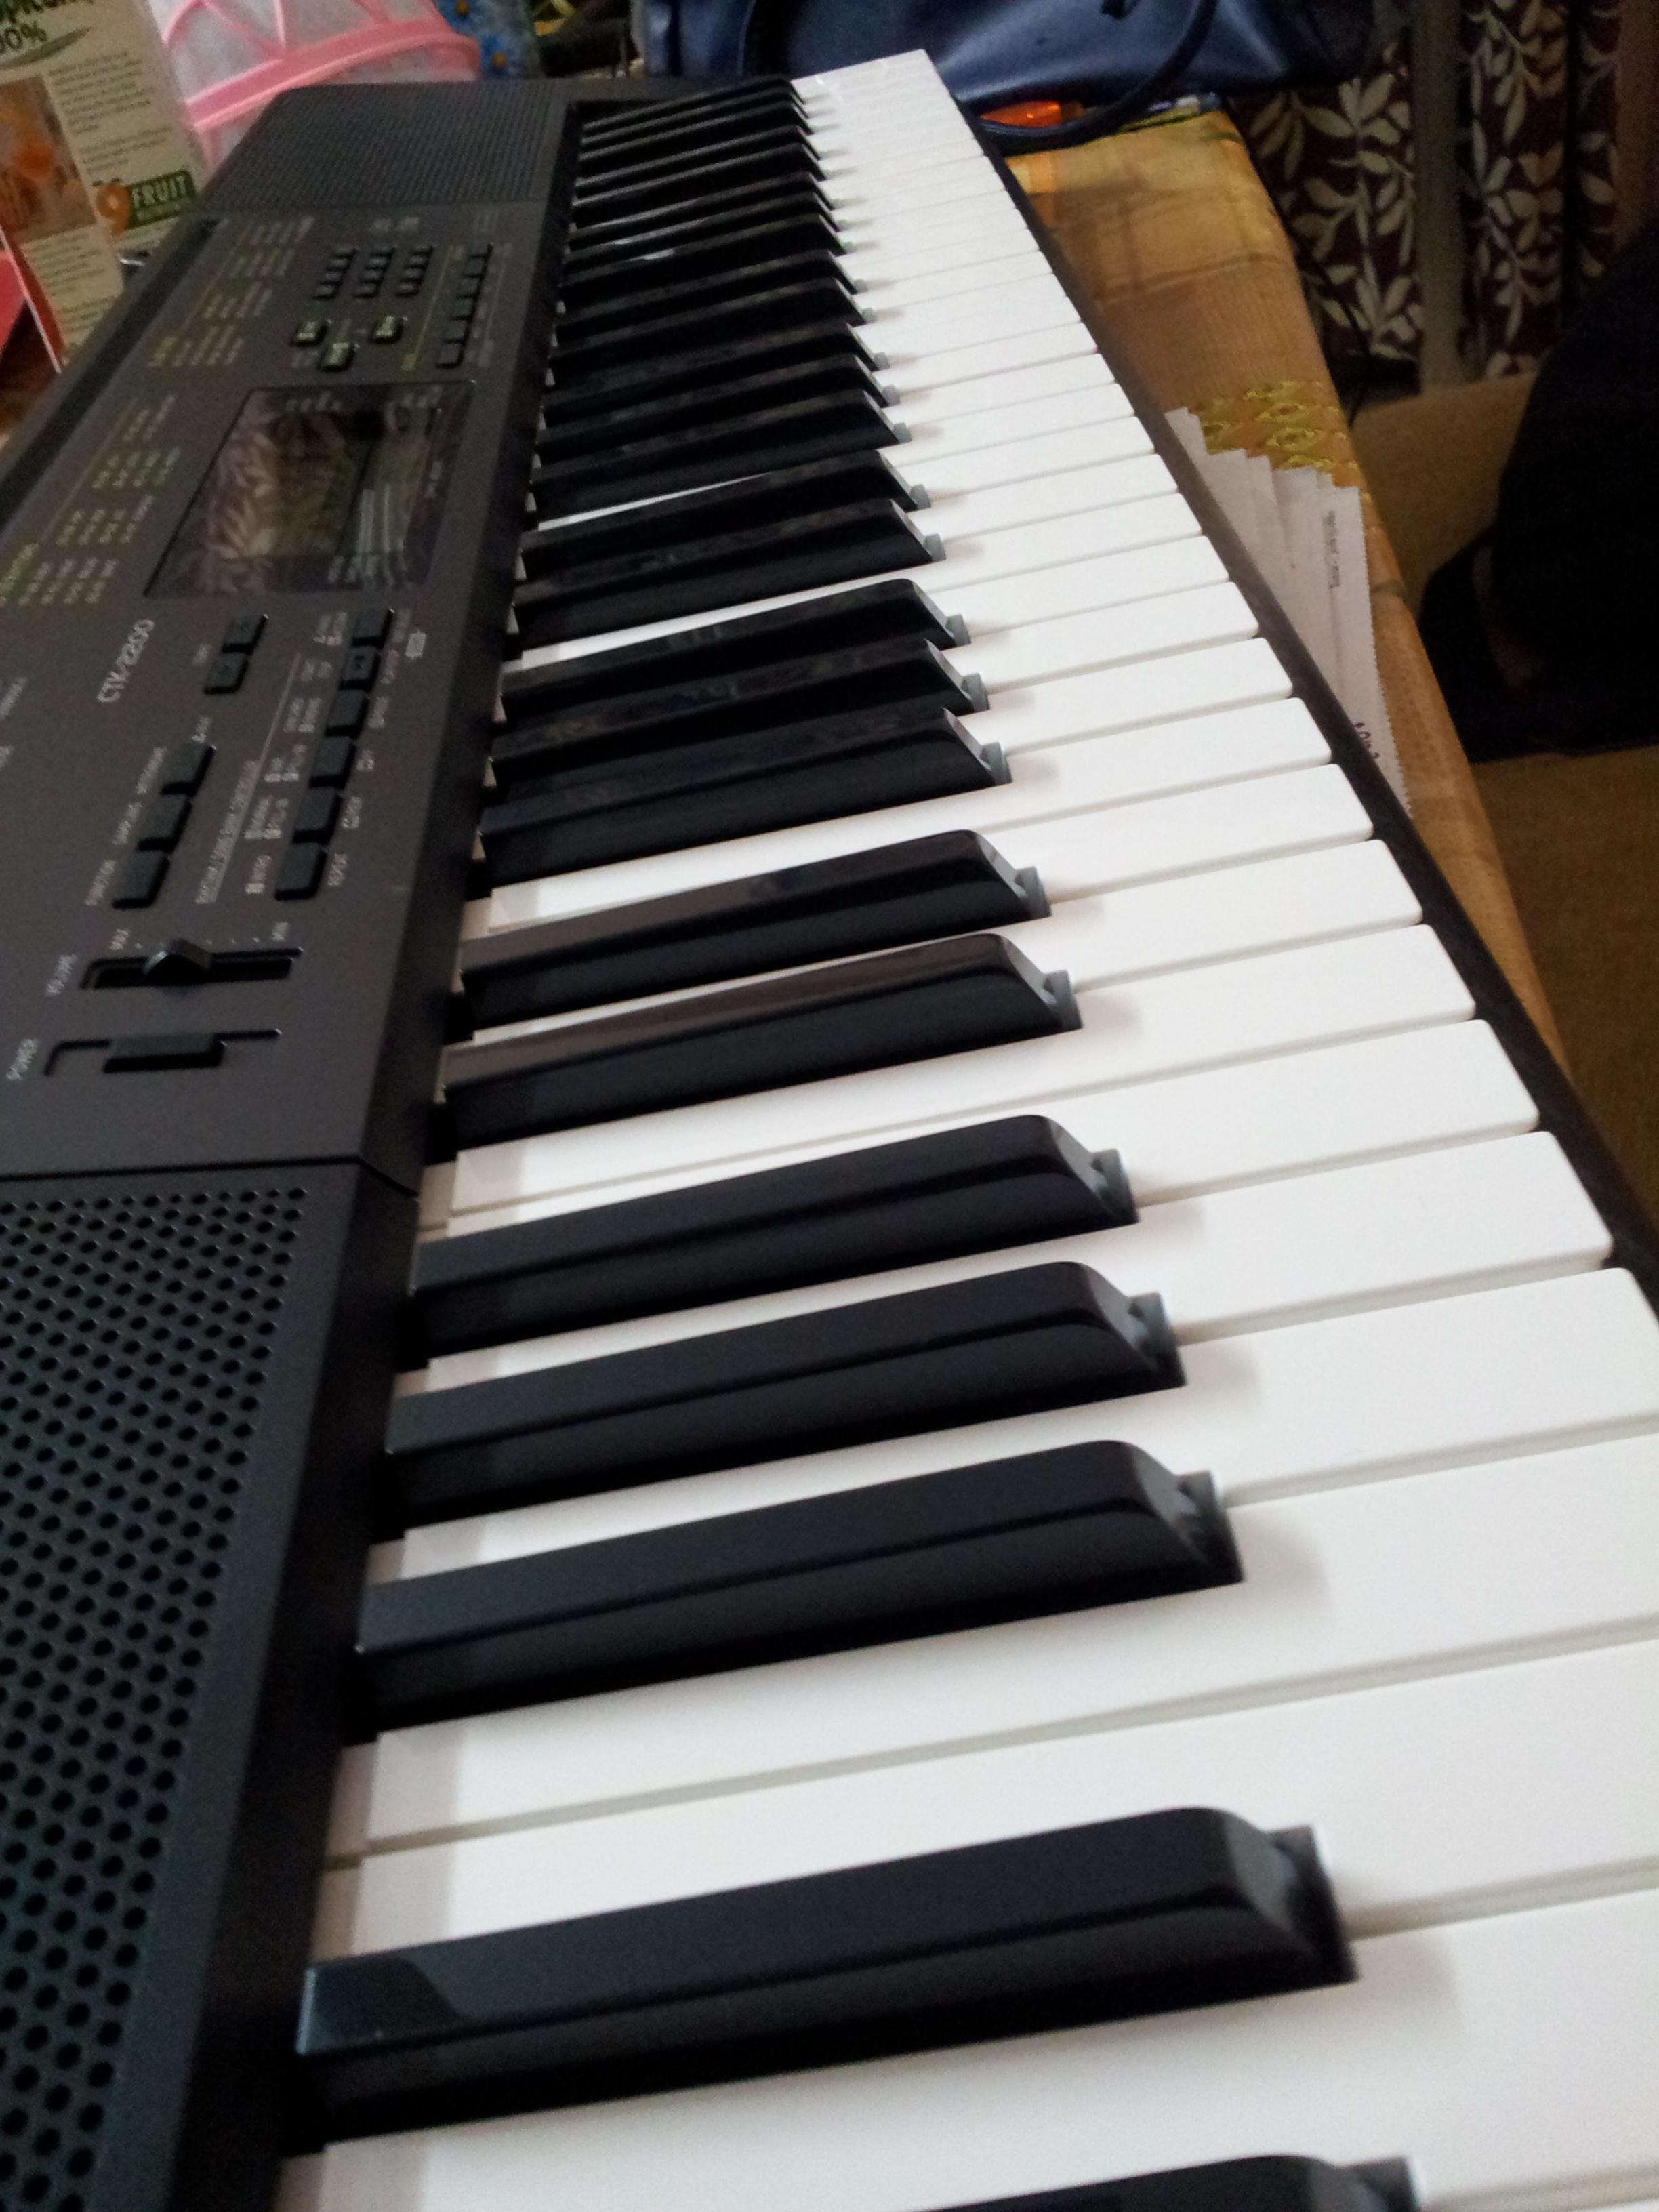 casio-electronic-piano